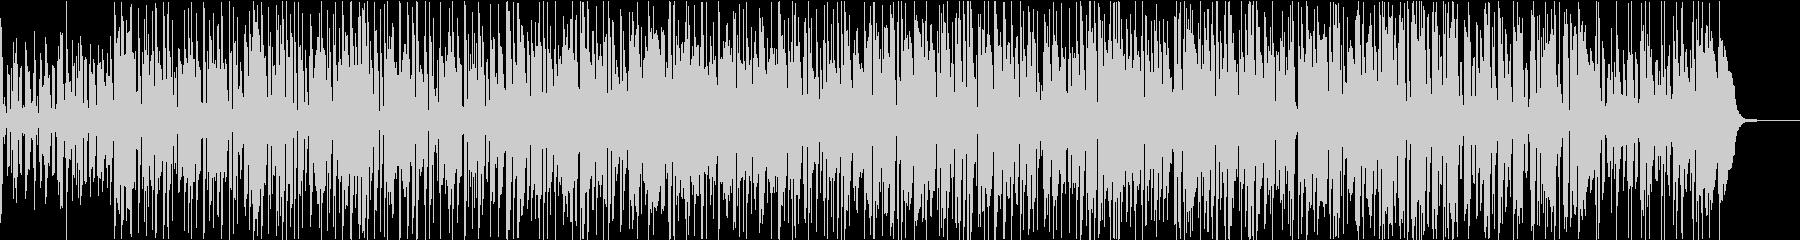 トリオ編成風ギターファンクの未再生の波形